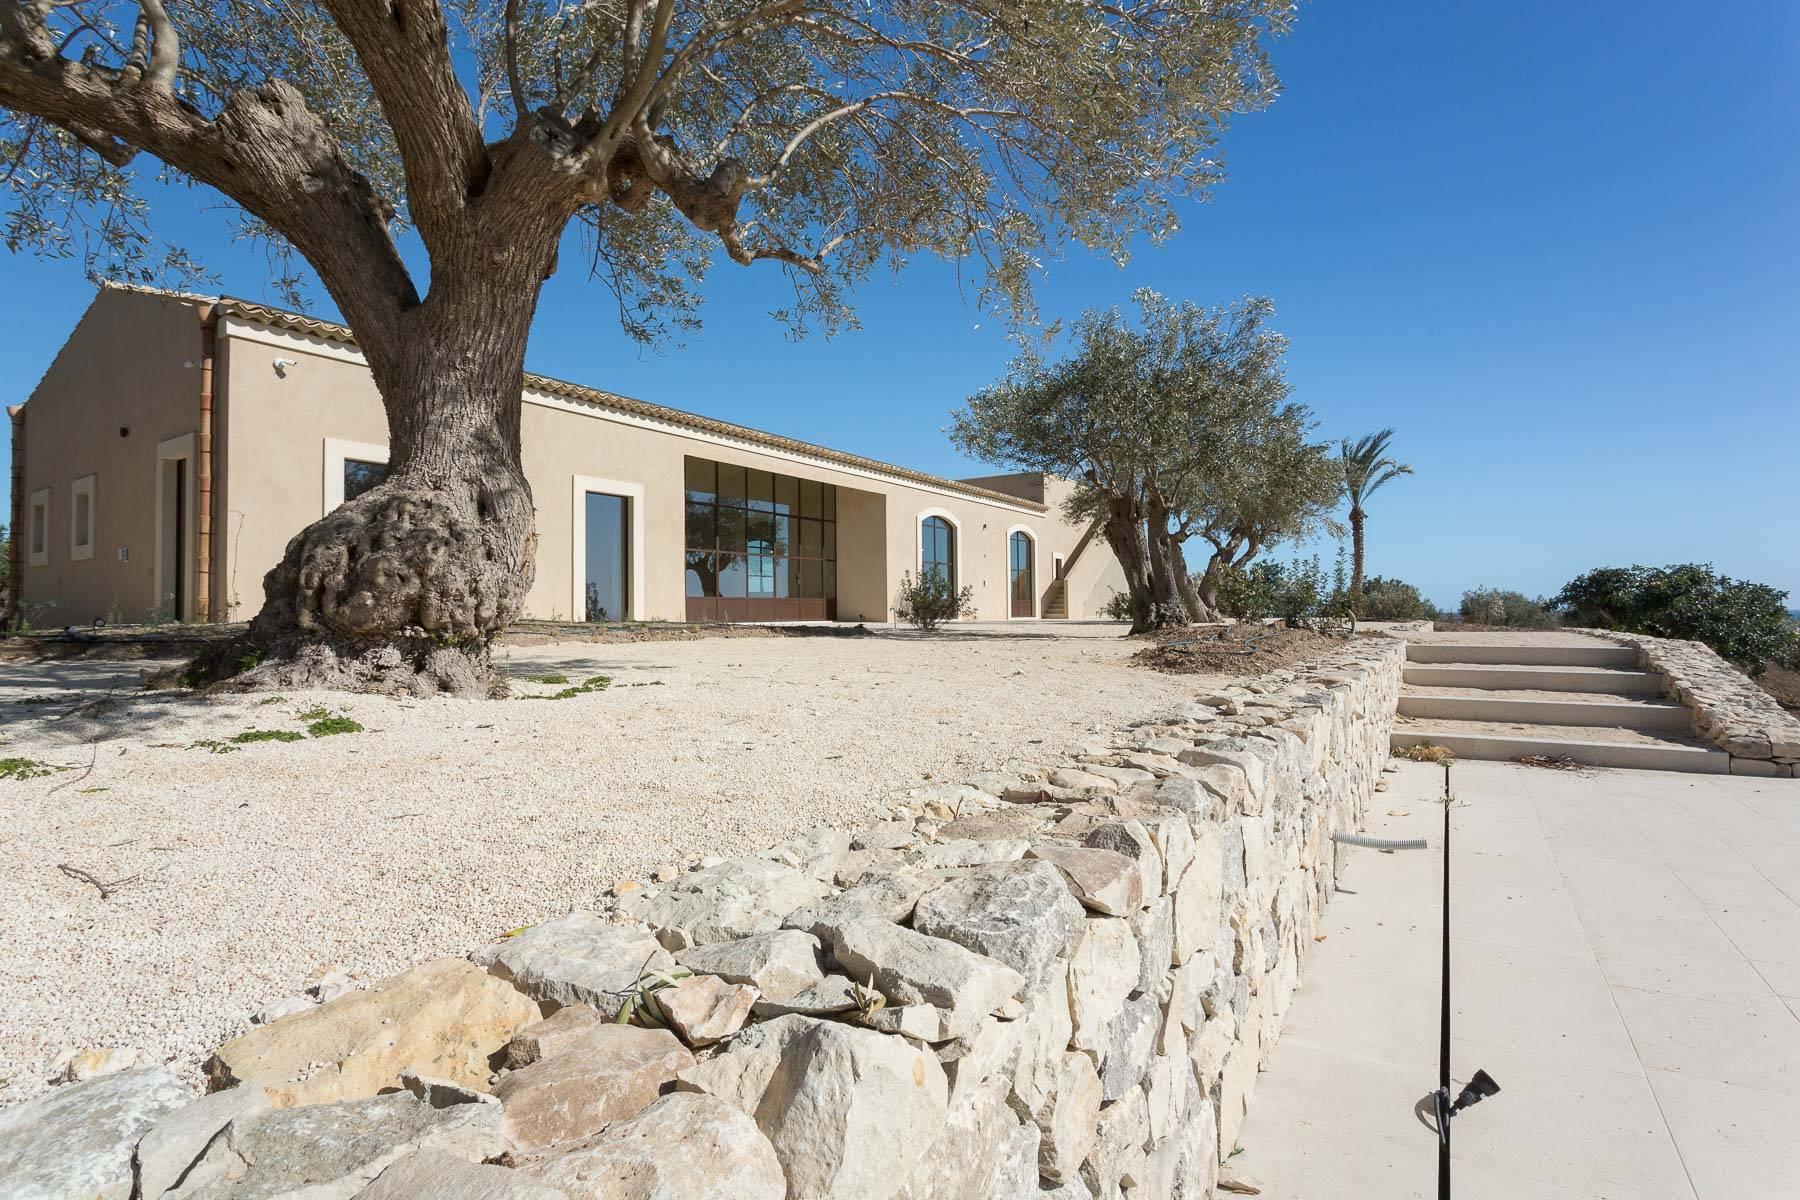 Villa in Vendita a Noto: 5 locali, 270 mq - Foto 26